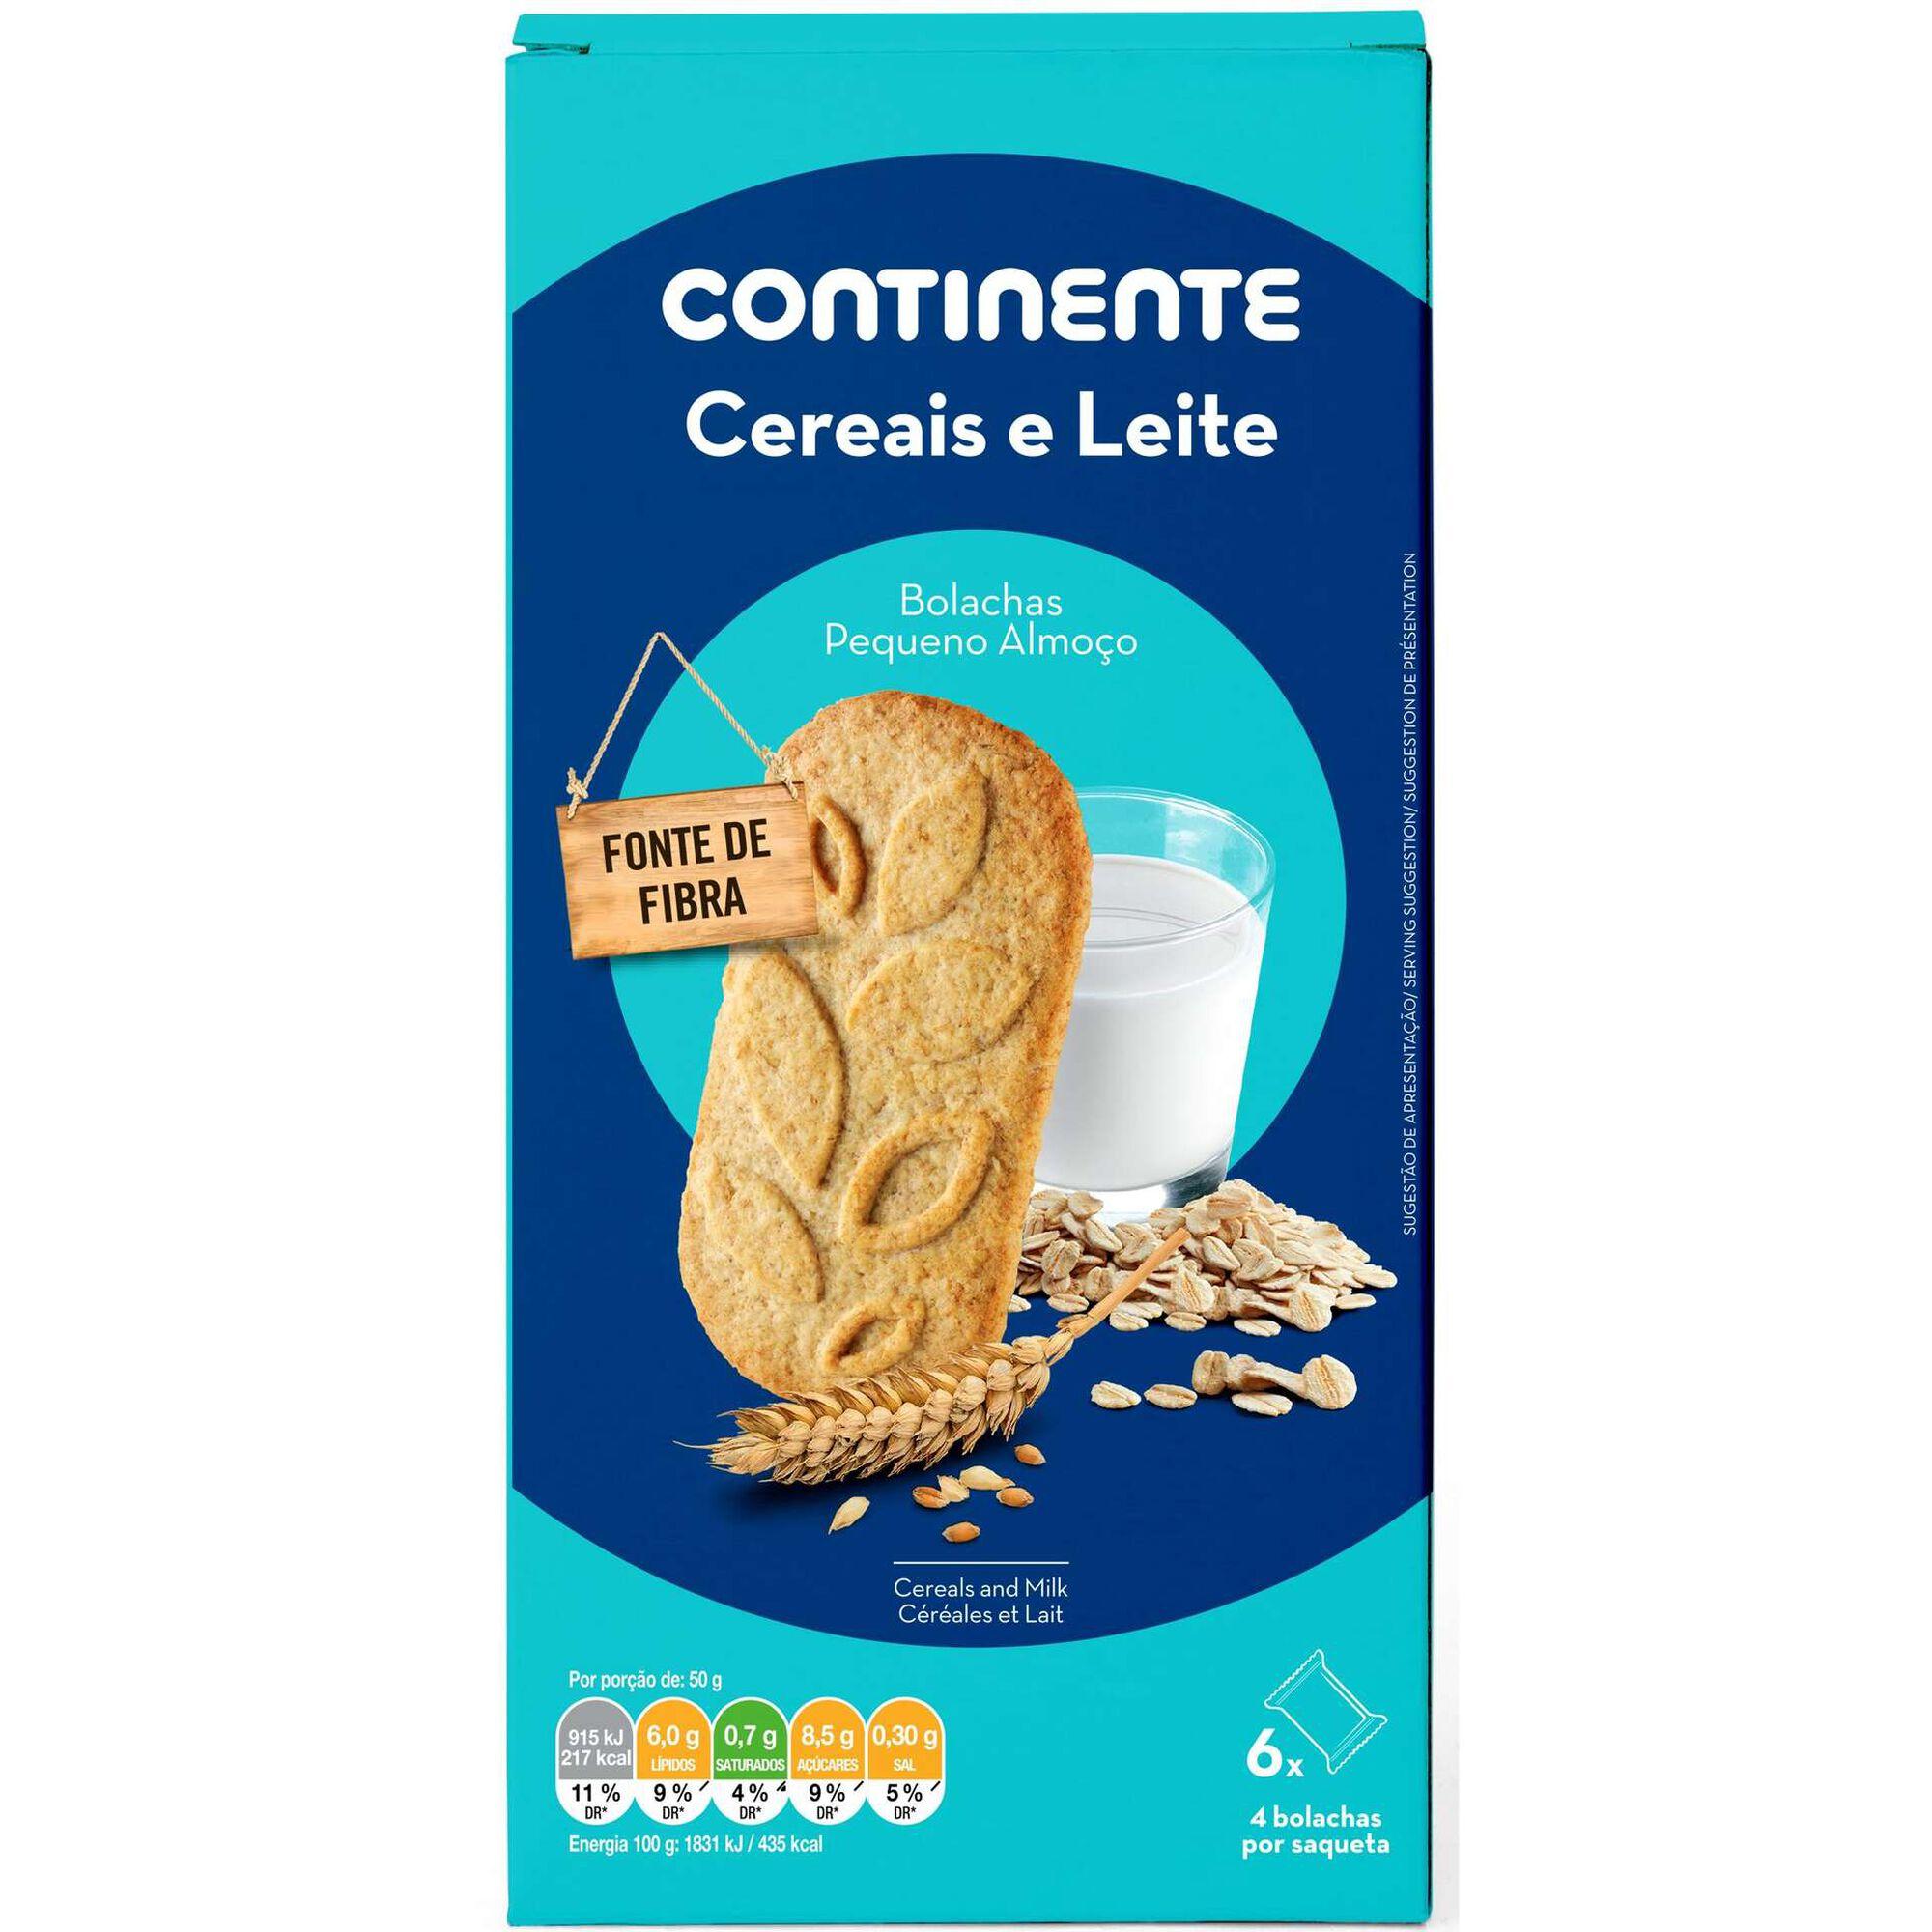 Bolachas Pequeno Almoço Cereais Leite